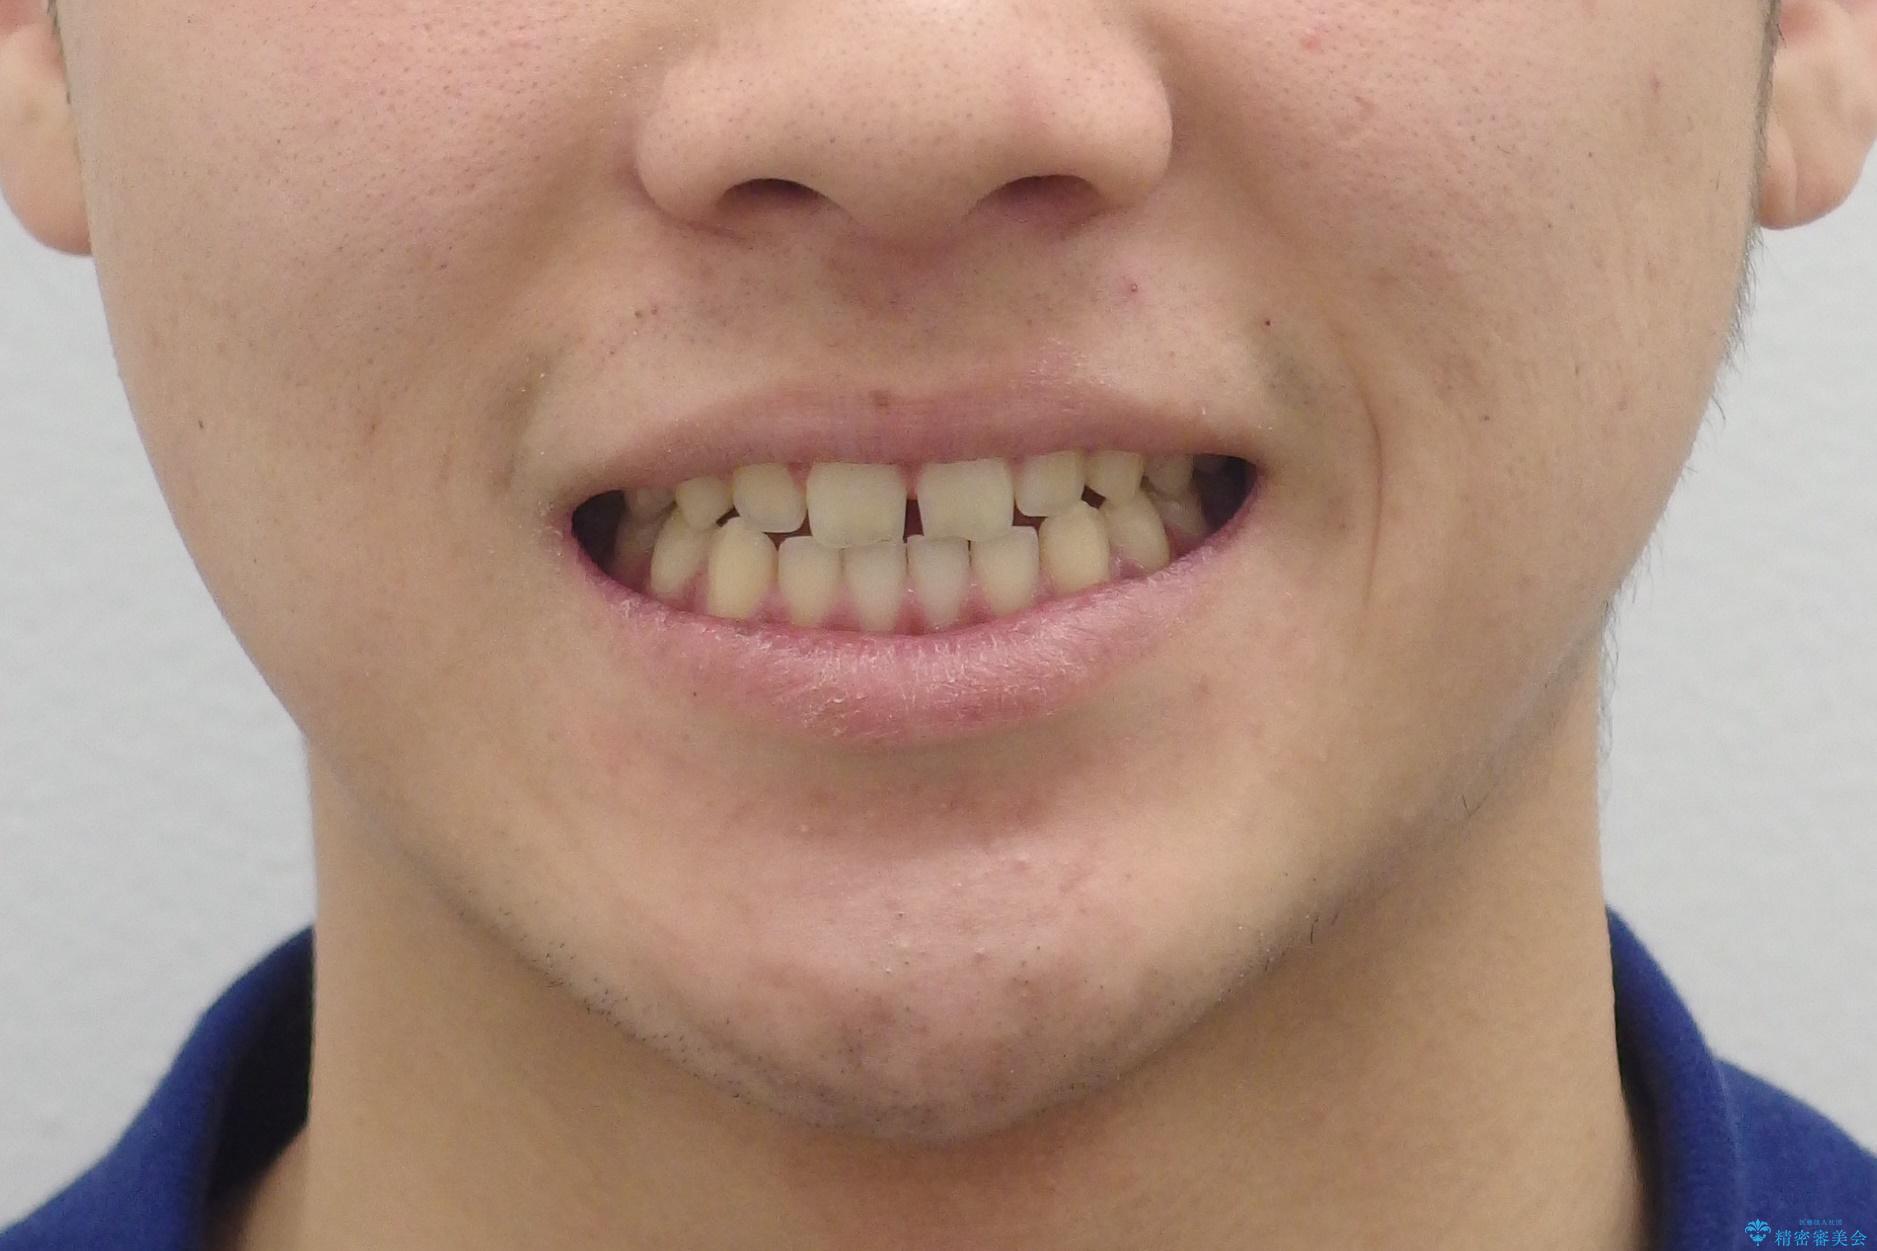 前歯のすきま 受け口 インビザラインでの治療前(顔貌)